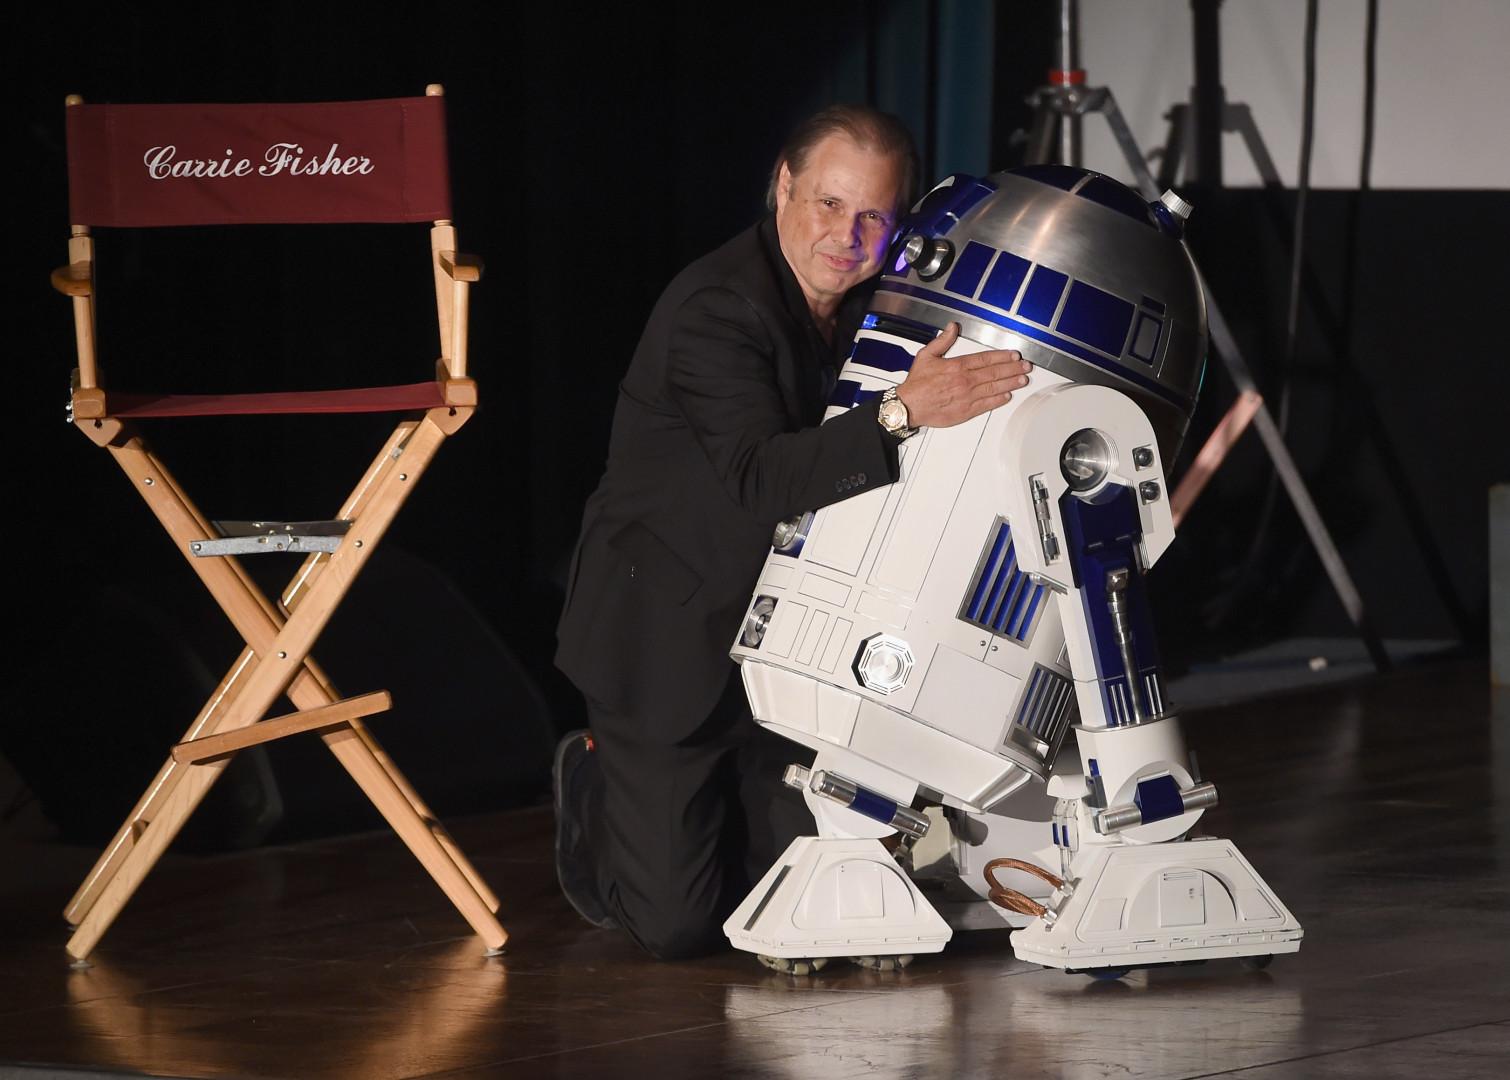 """Todd Fischer, frère de Carrie Fischer, pose avec R2-D2, robot vedette de la saga """"Star Wars"""""""